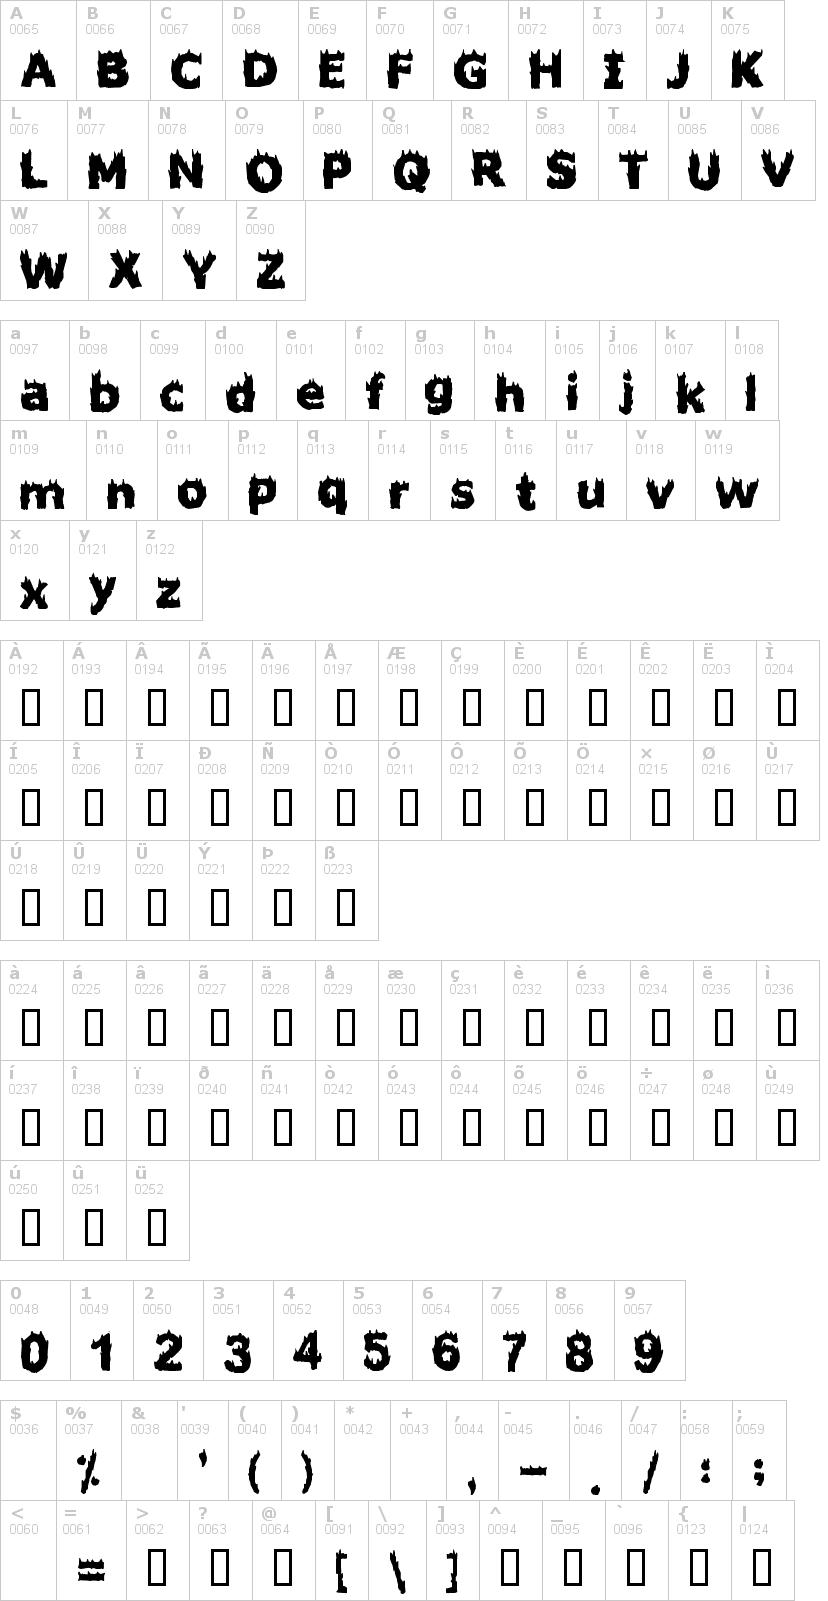 Lettere dell'alfabeto del font firestarter con le quali è possibile realizzare adesivi prespaziati